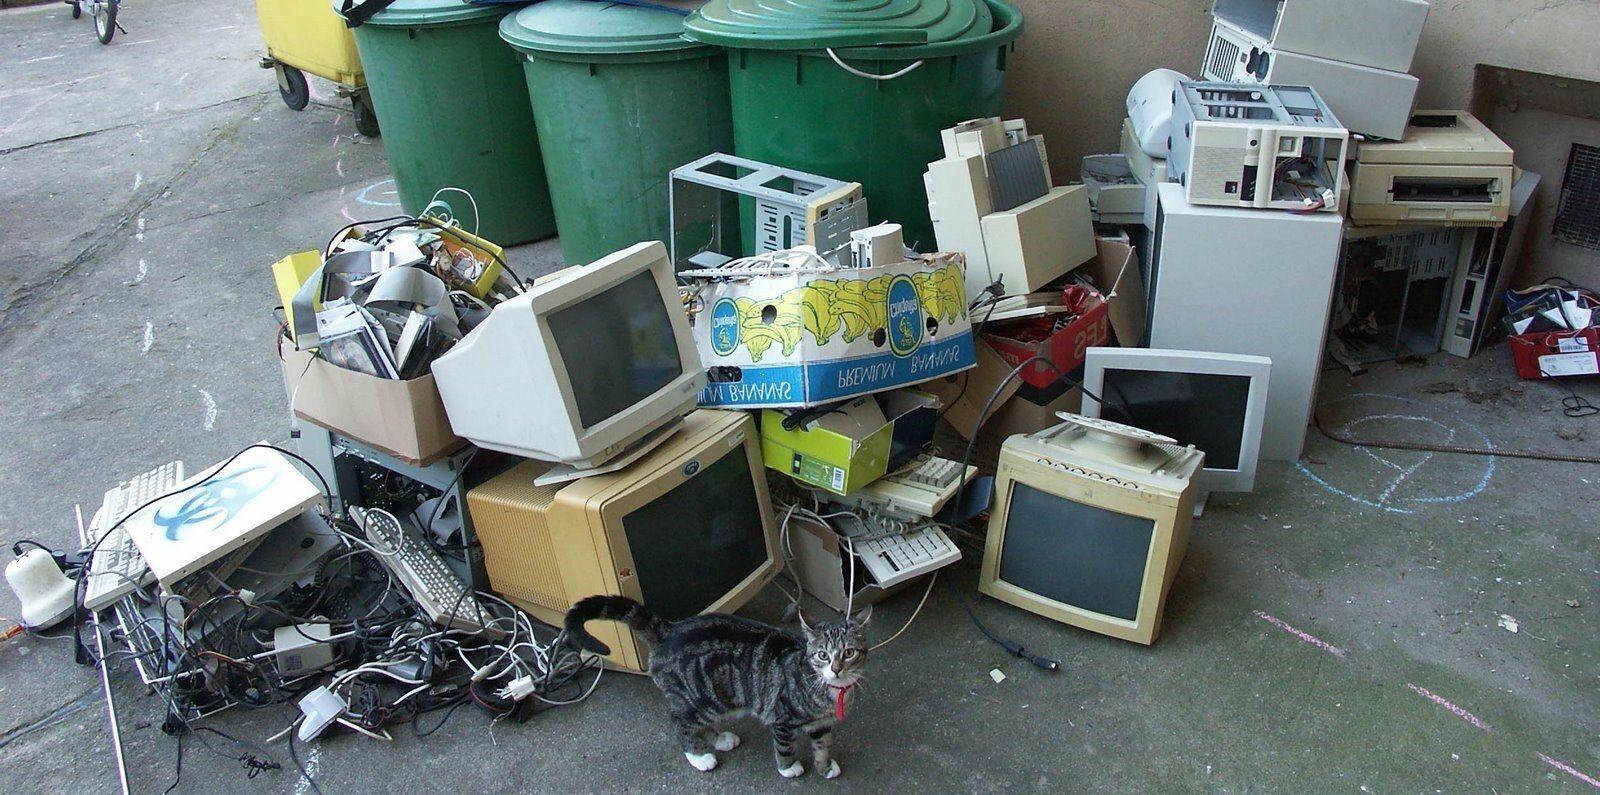 порадует доставка свалка компьютеров фото бумажка эксперта, одтверждающая